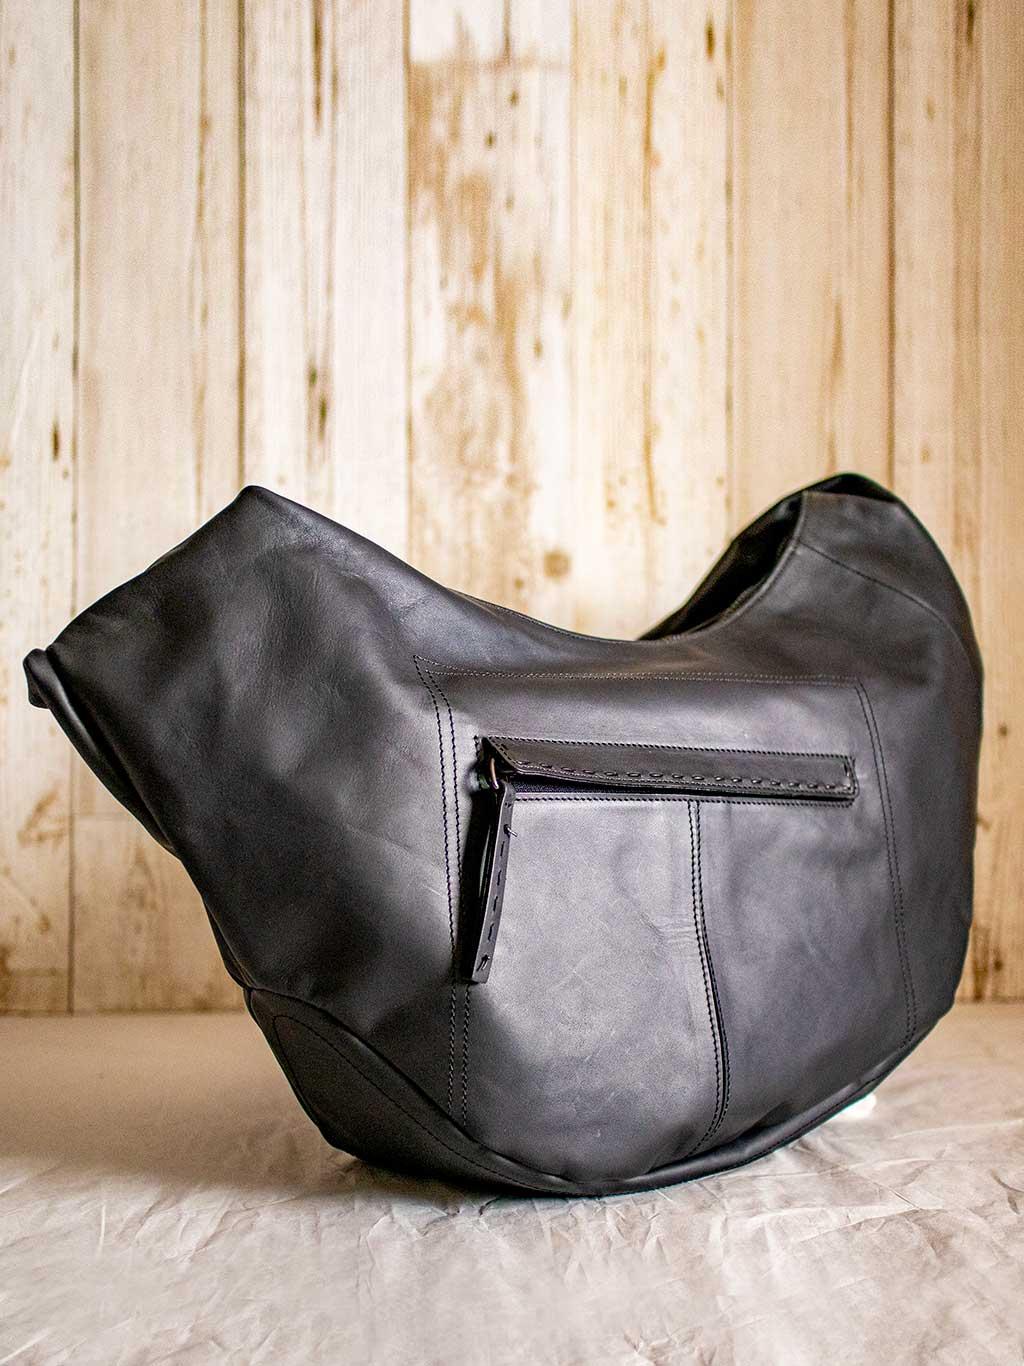 イタリア産のオリジナル・ジャカード生地で仕上げるバッグは使い心地も気持ちよく毎日活躍するショルダーバッグ